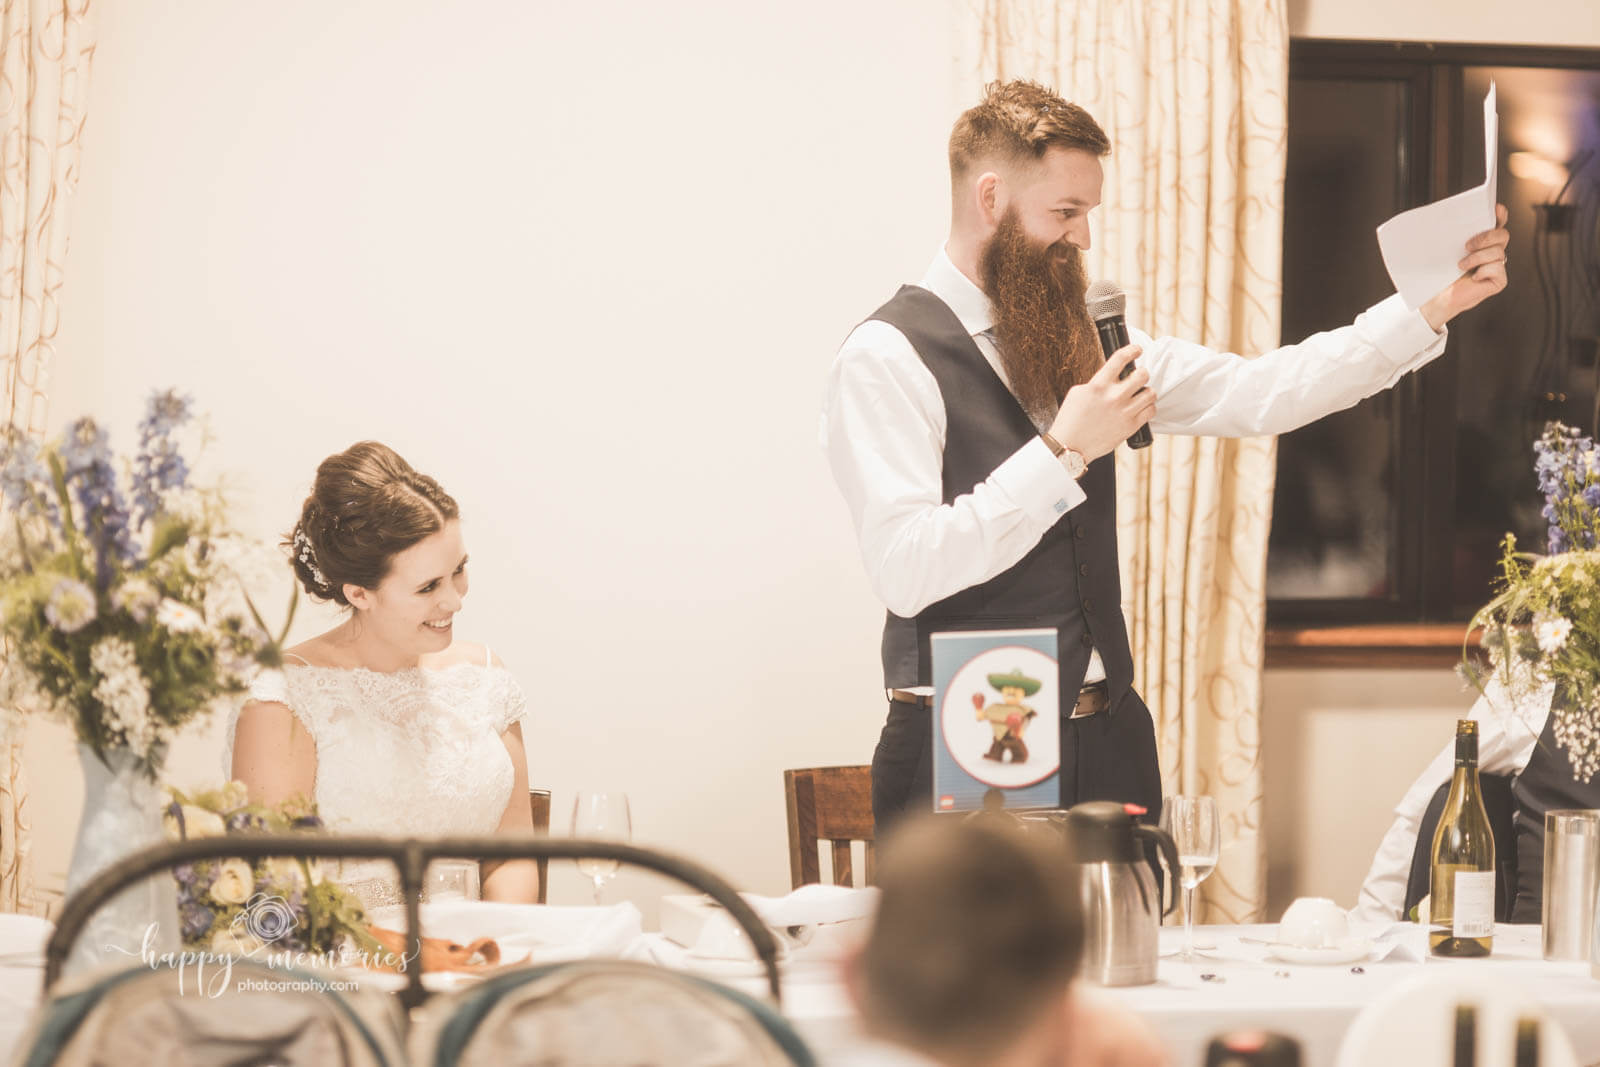 Wedding photographer Crawley-42